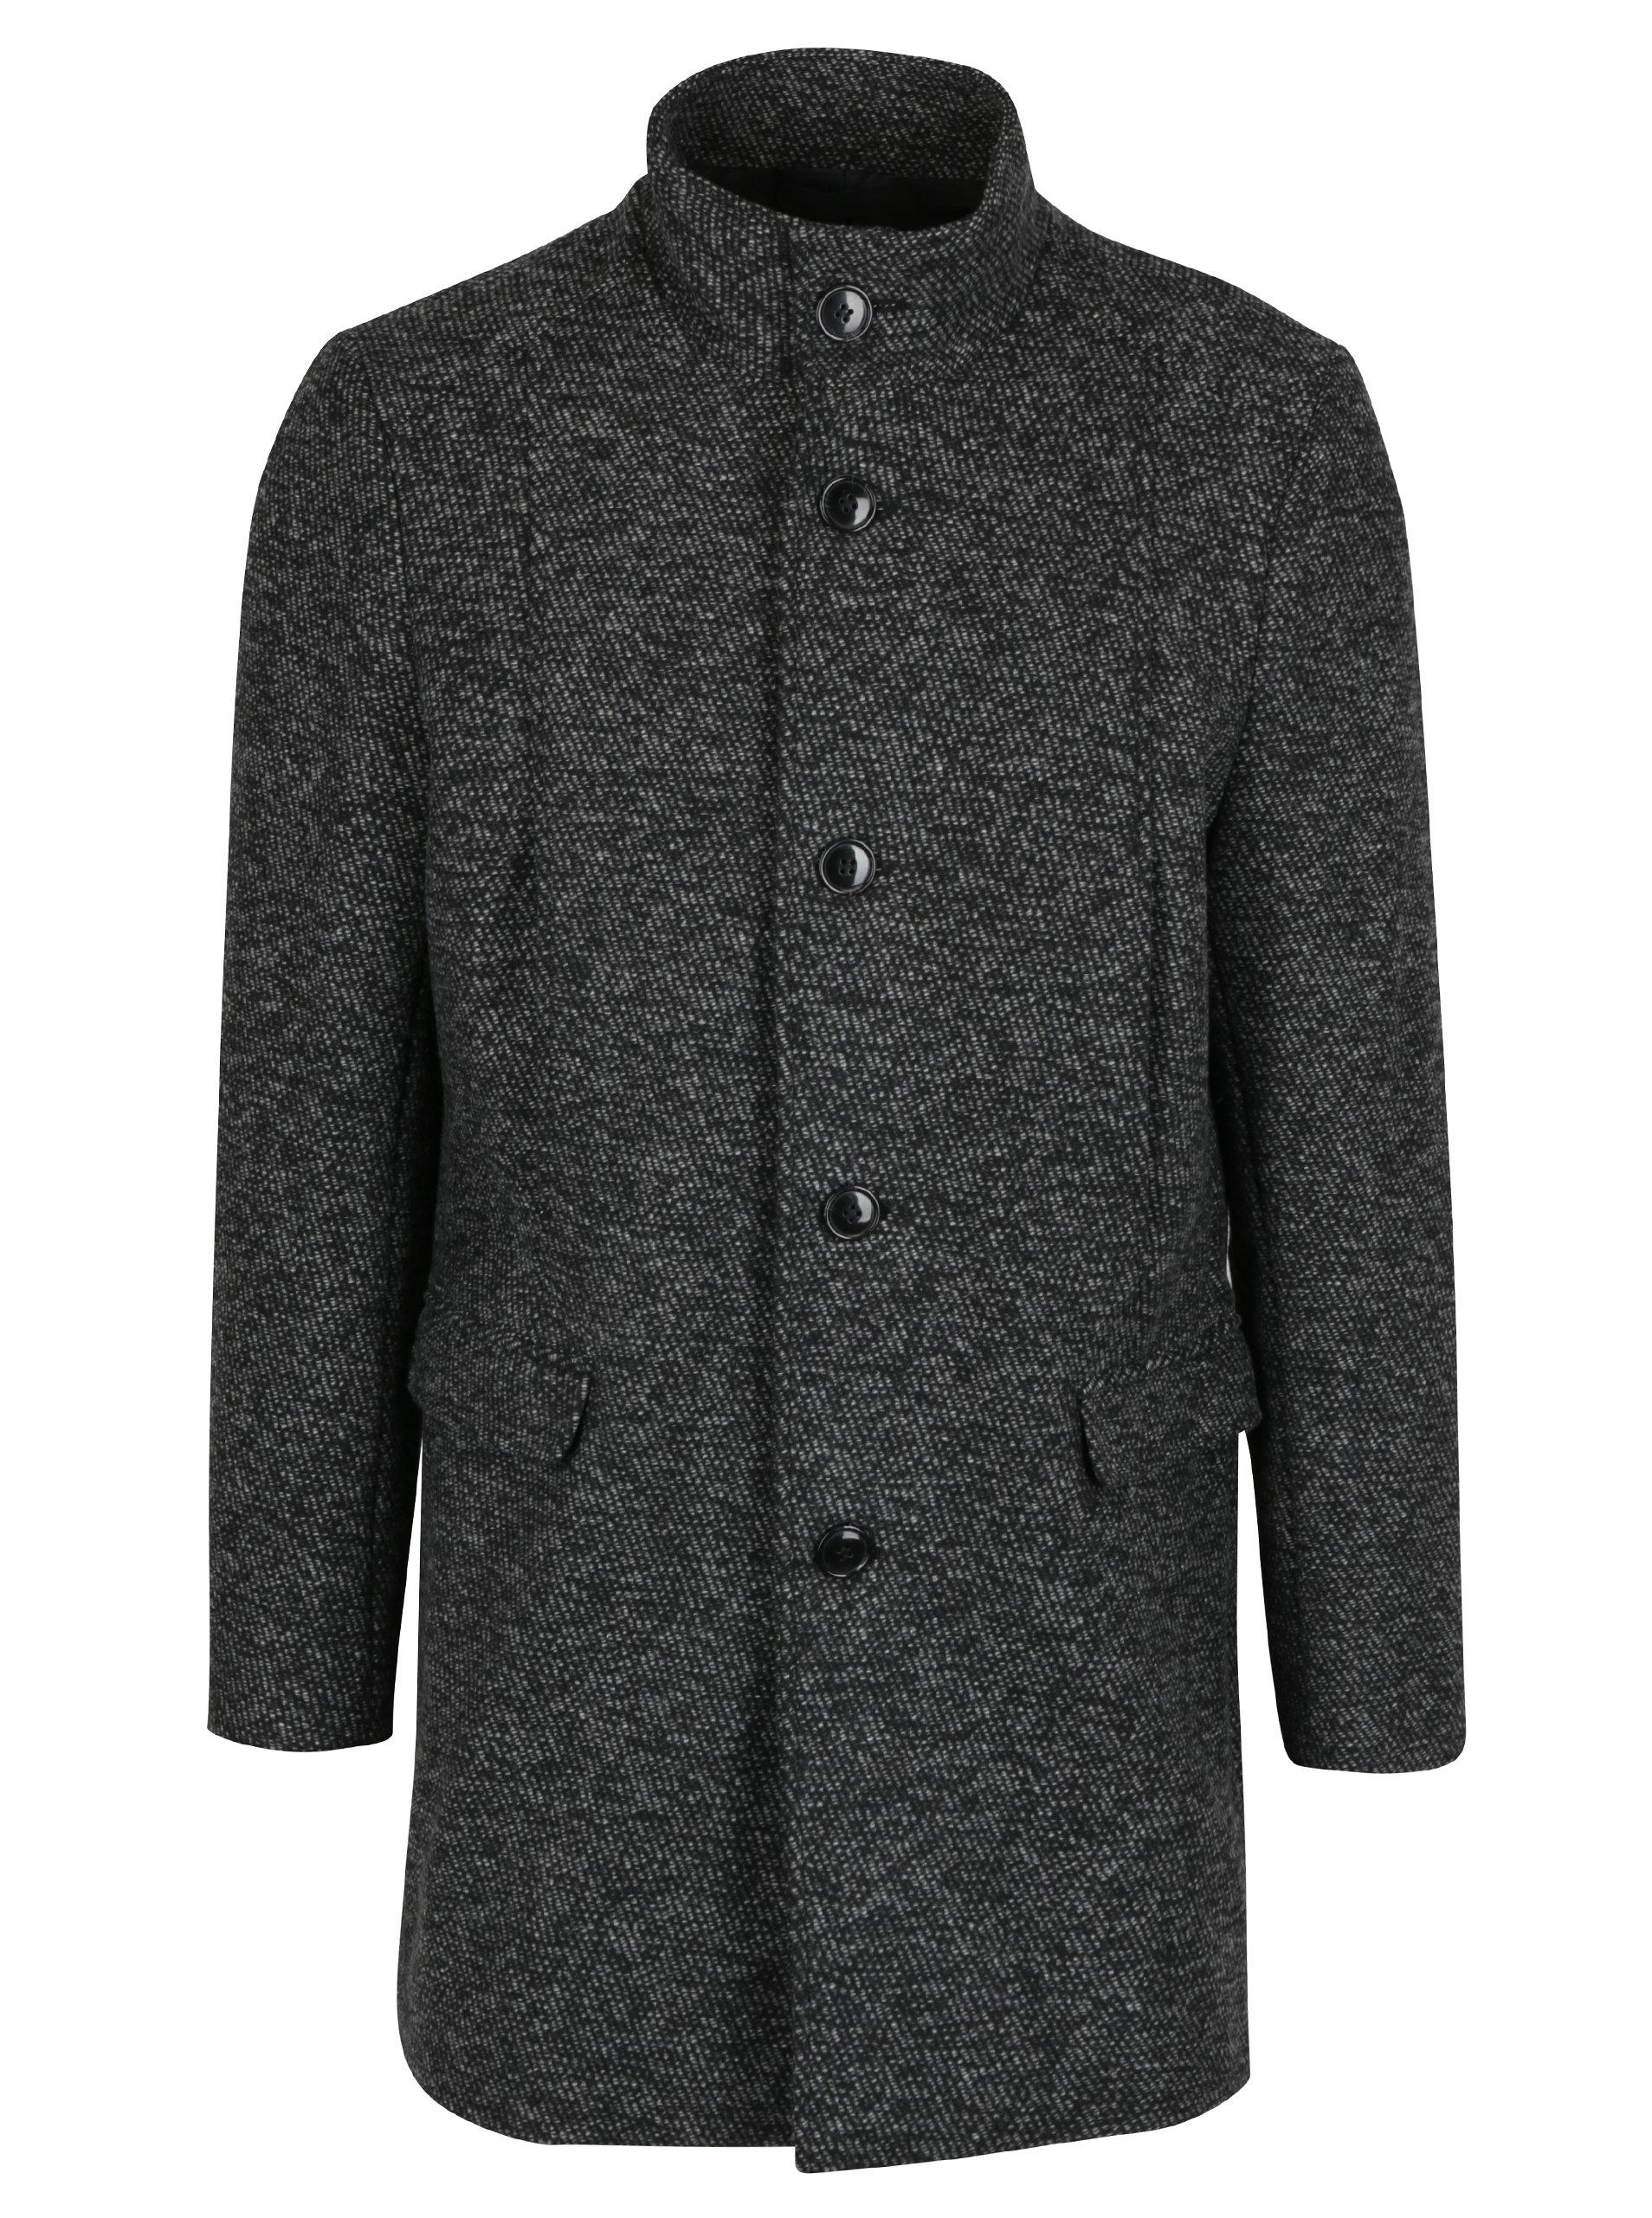 Šedý žíhaný kabát s příměsí vlny Selected Homme Mosto